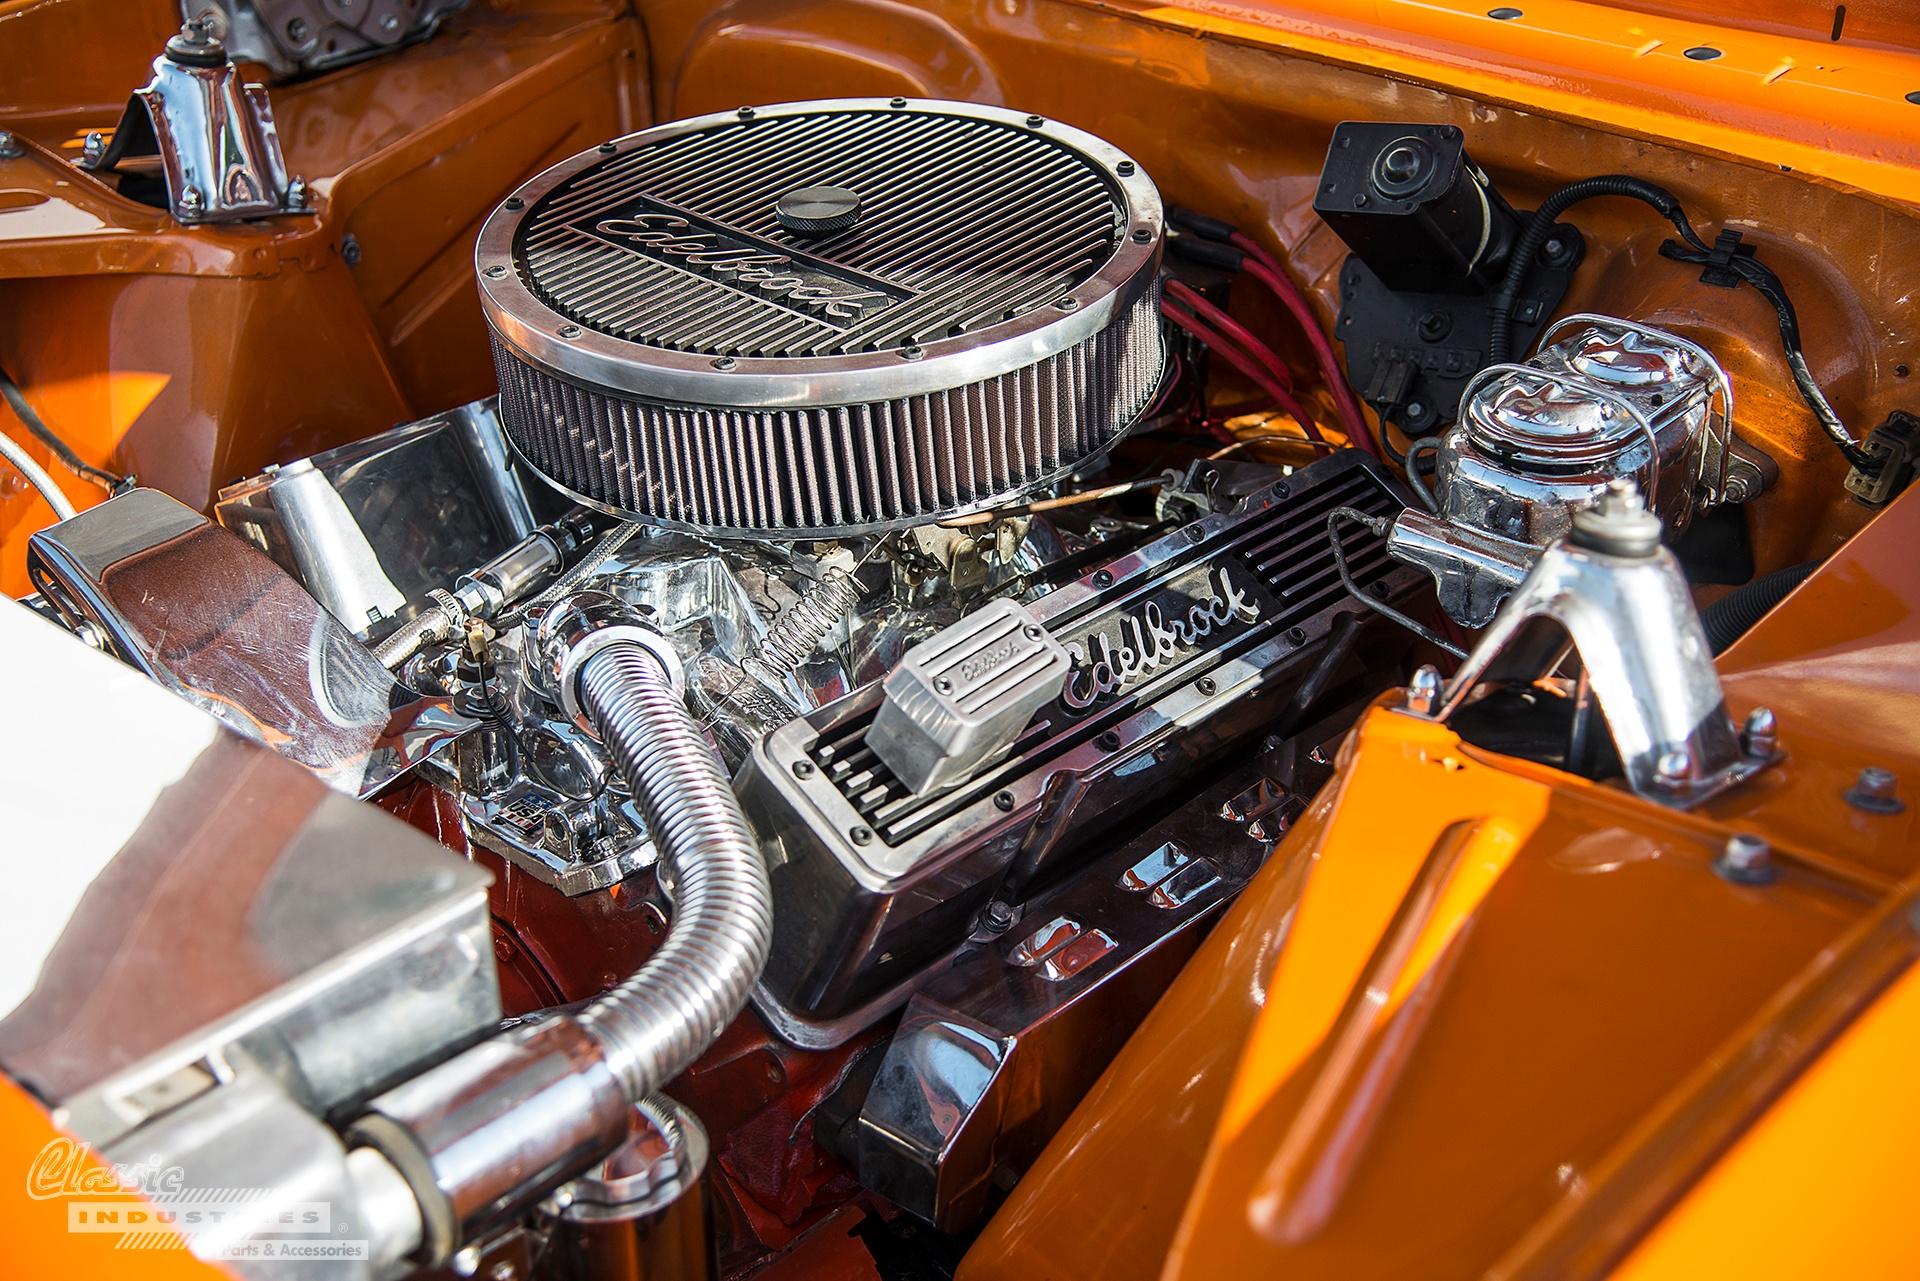 1963 Nova Wagon - Creamsicle Chevy